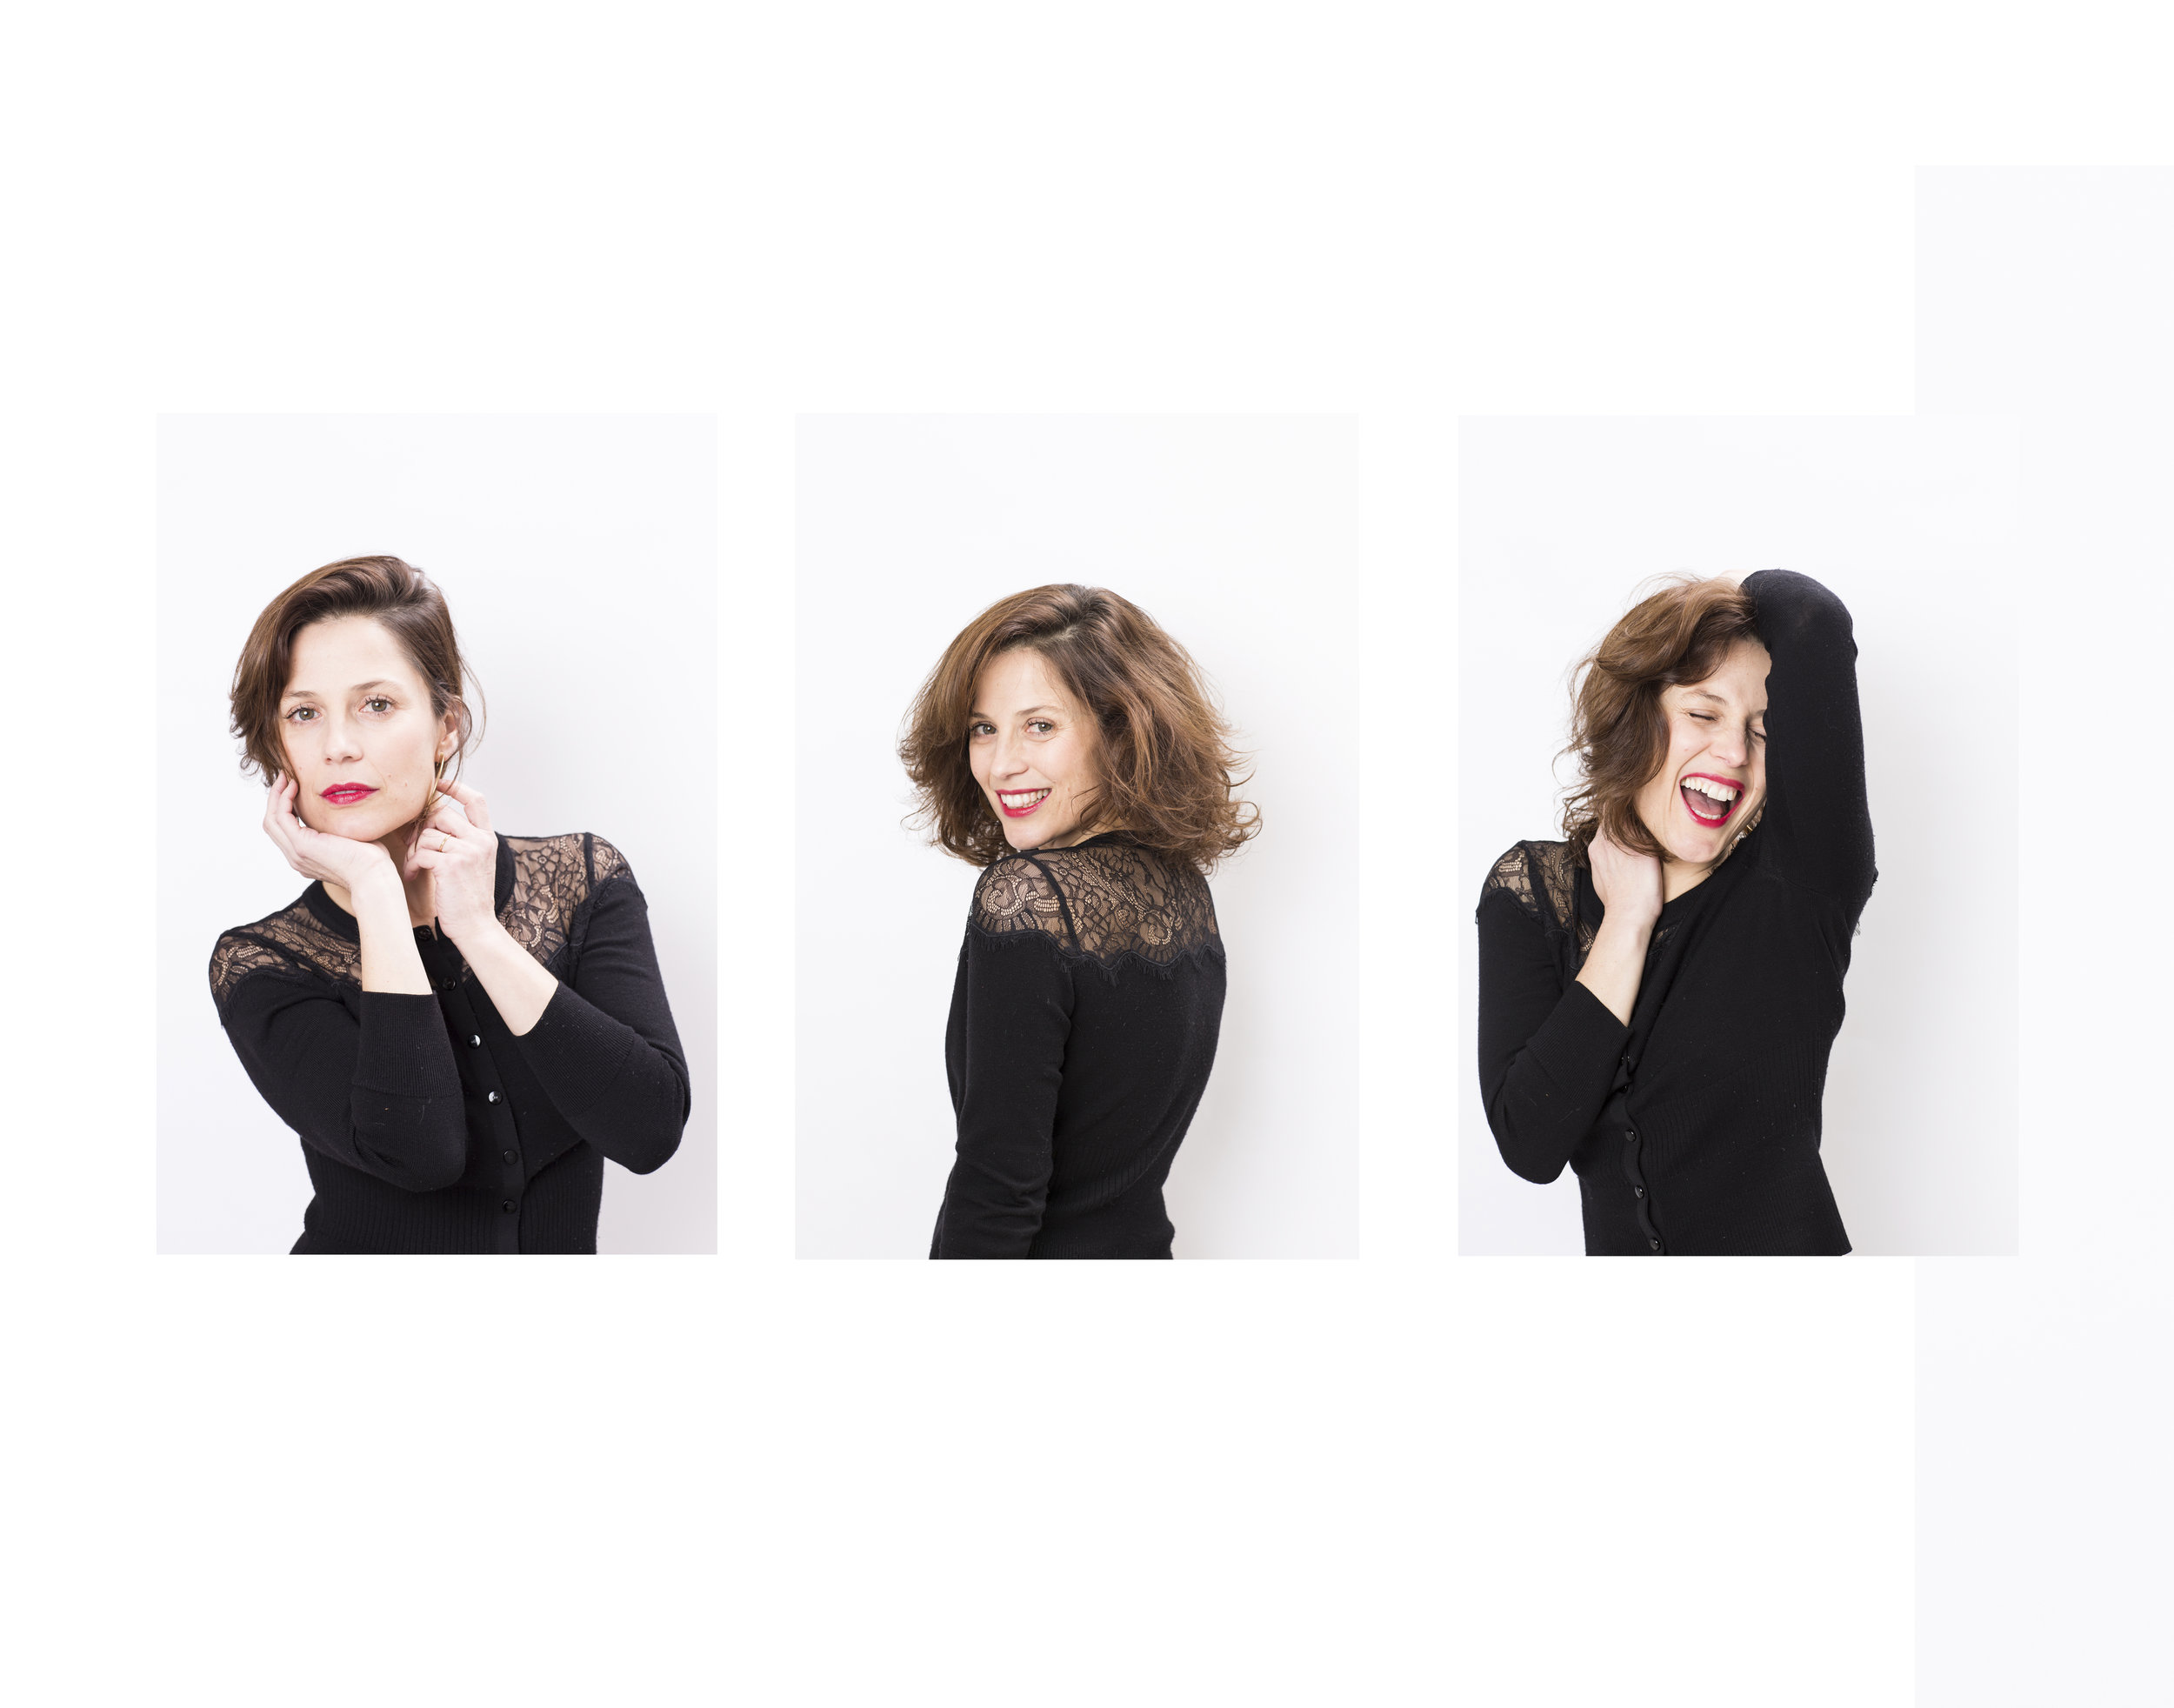 Bea Segura - Actress